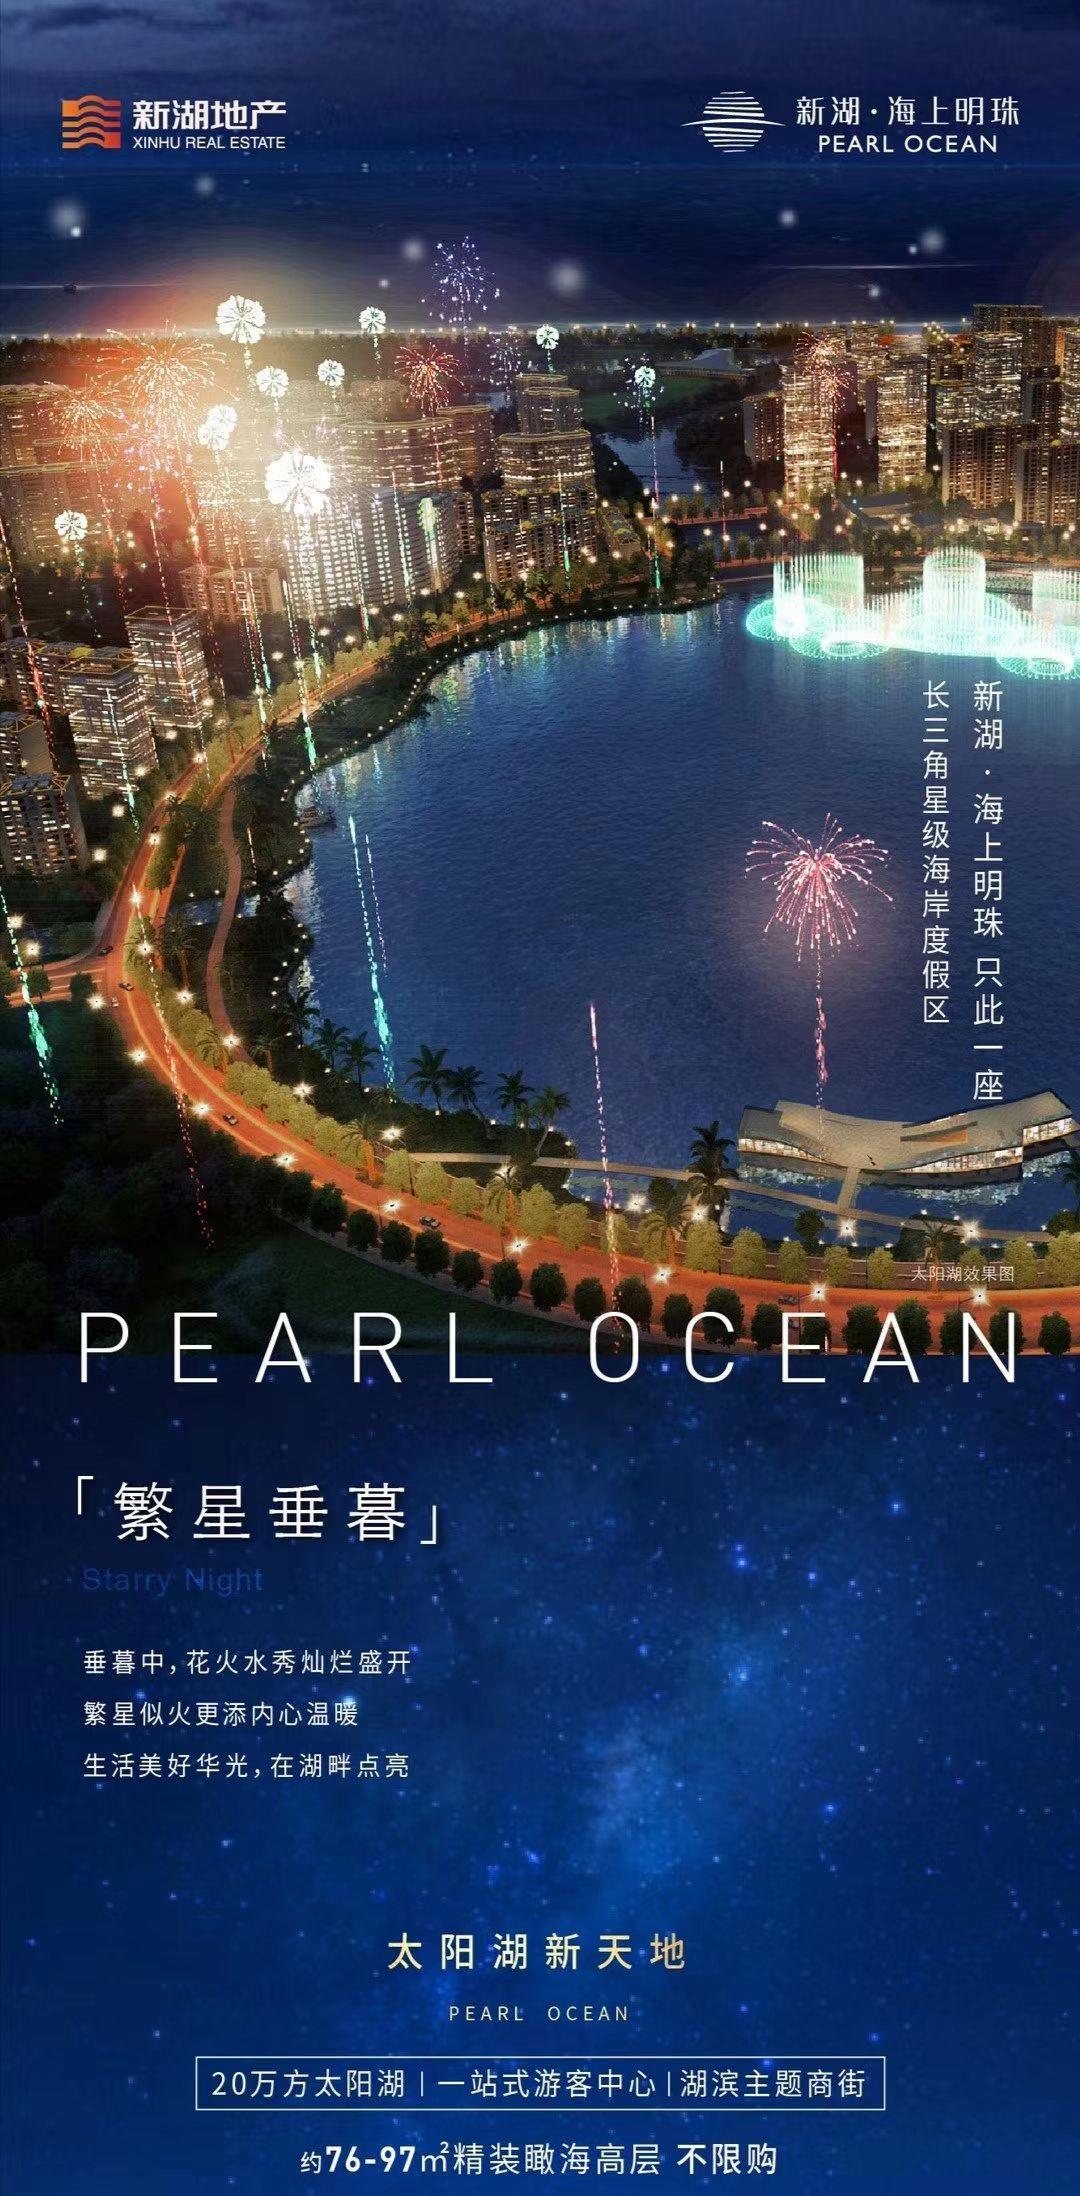 新湖海上明珠视频封面图